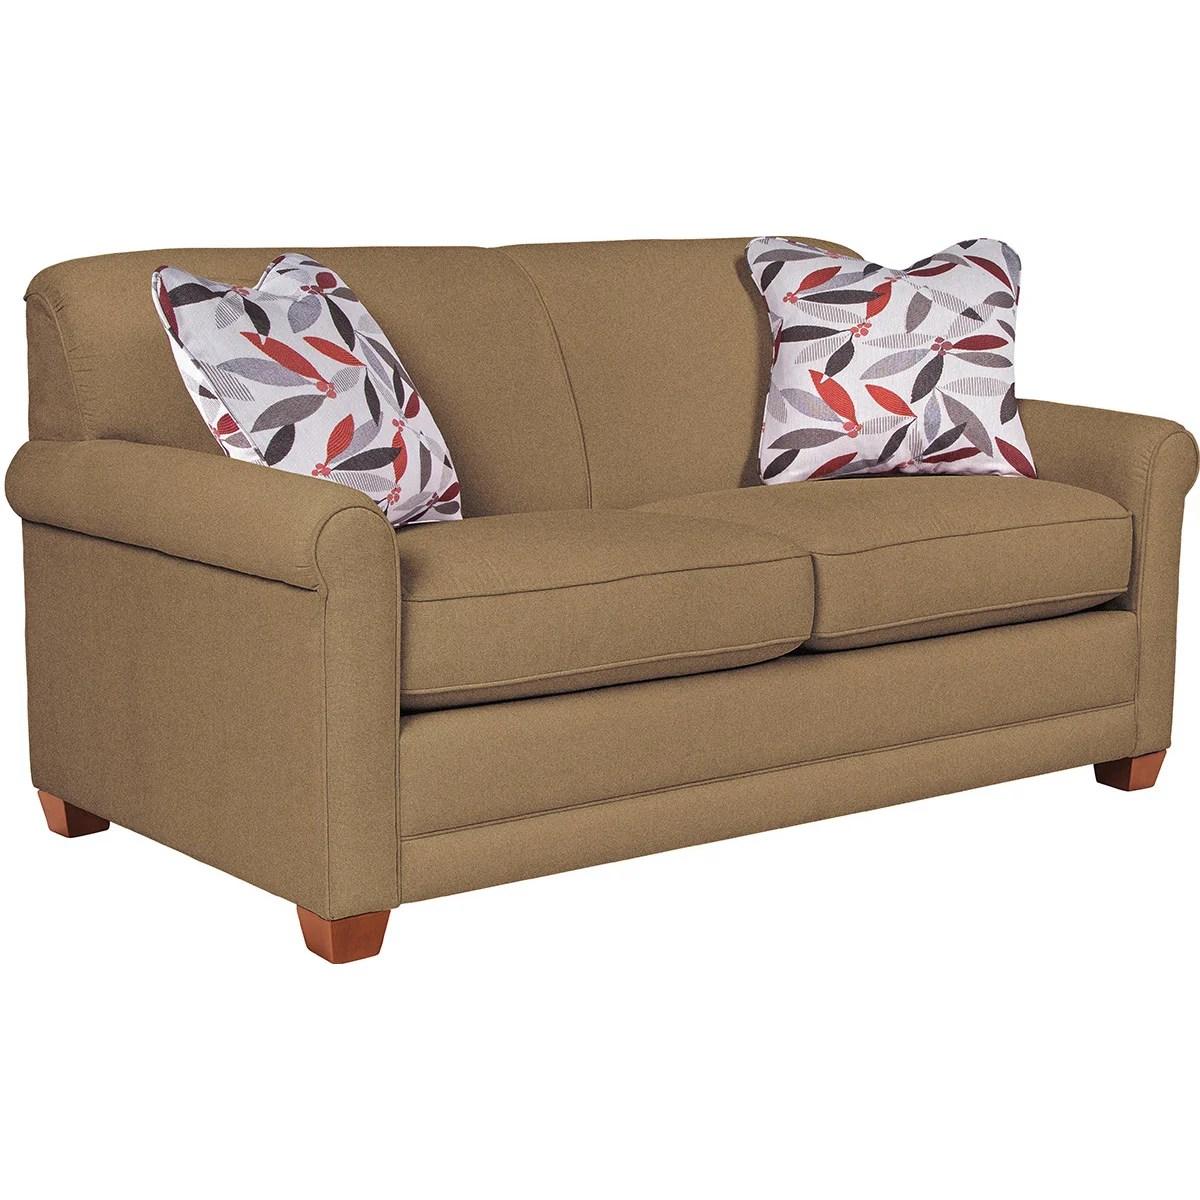 Amanda Premier ApartmentSize Sofa